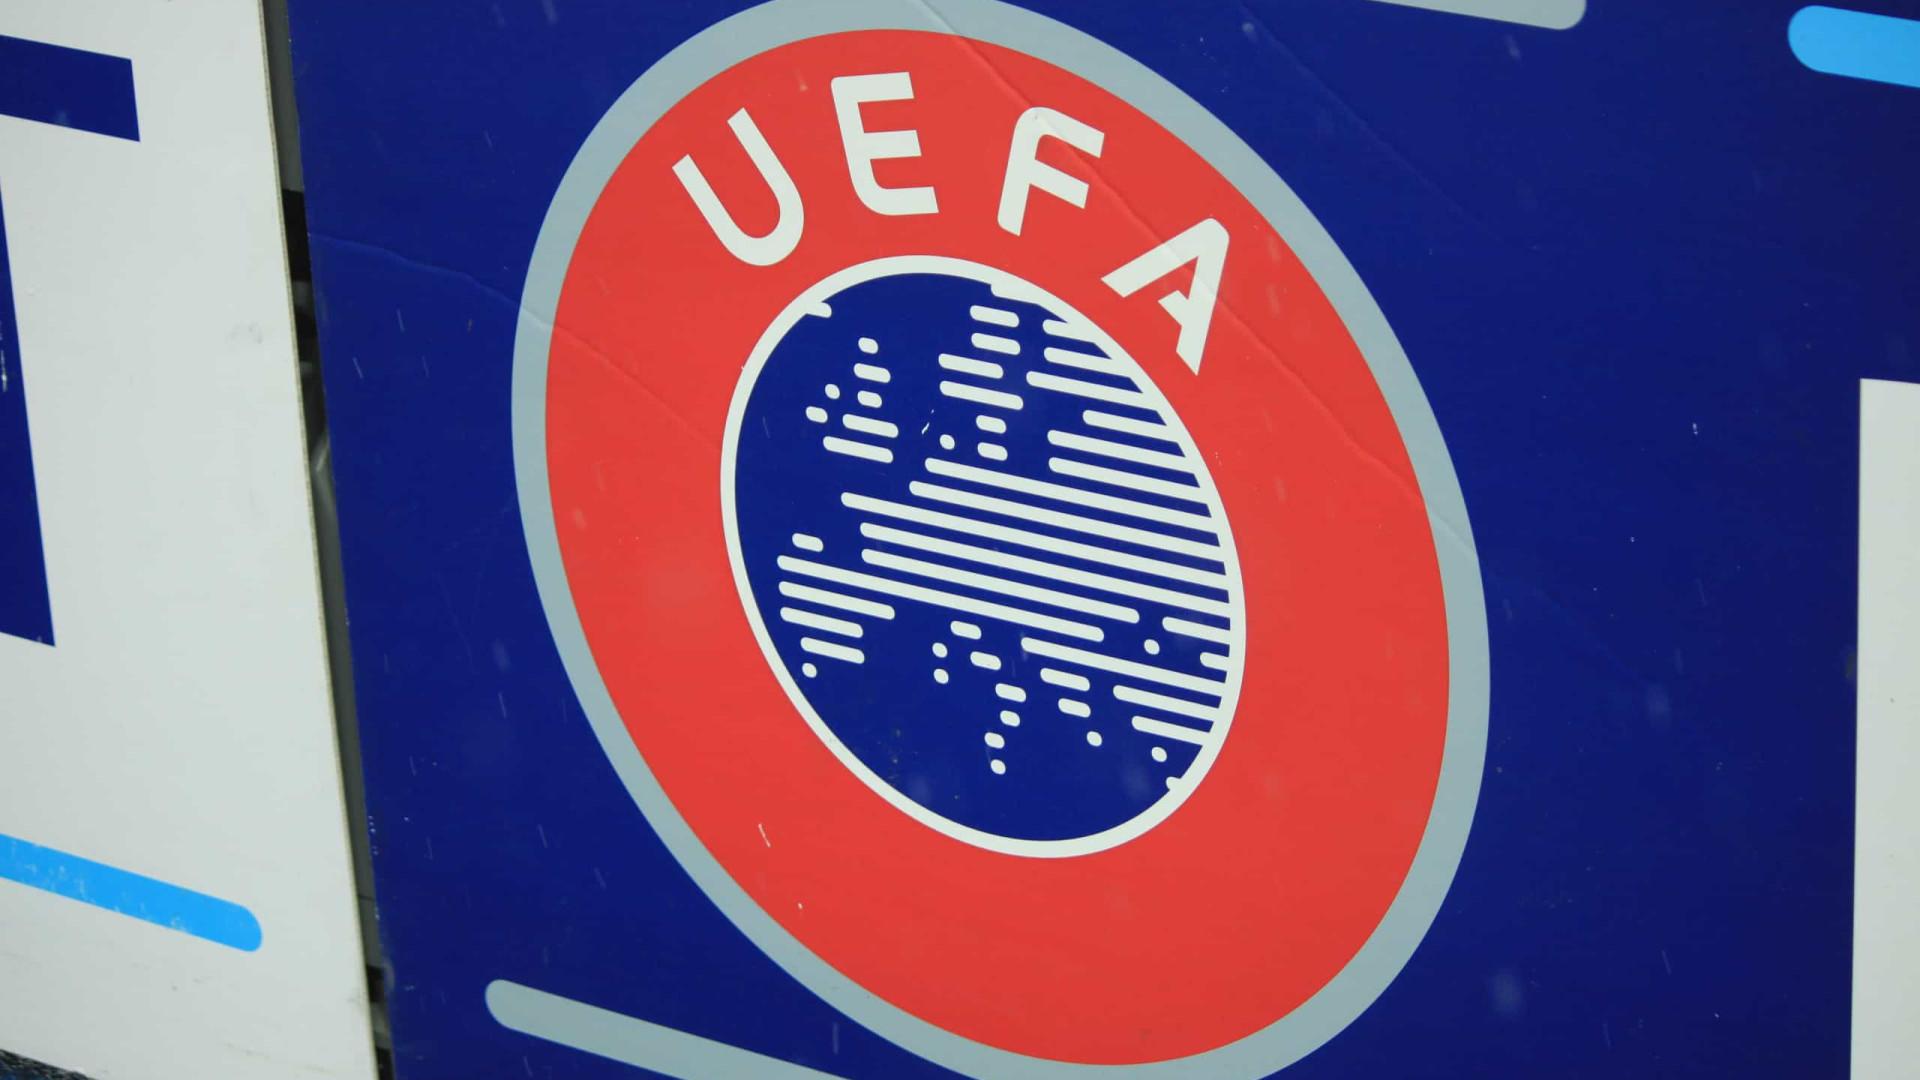 Uefa anuncia novo formato da Liga dos Campeões, com 36 equipes e grupo único